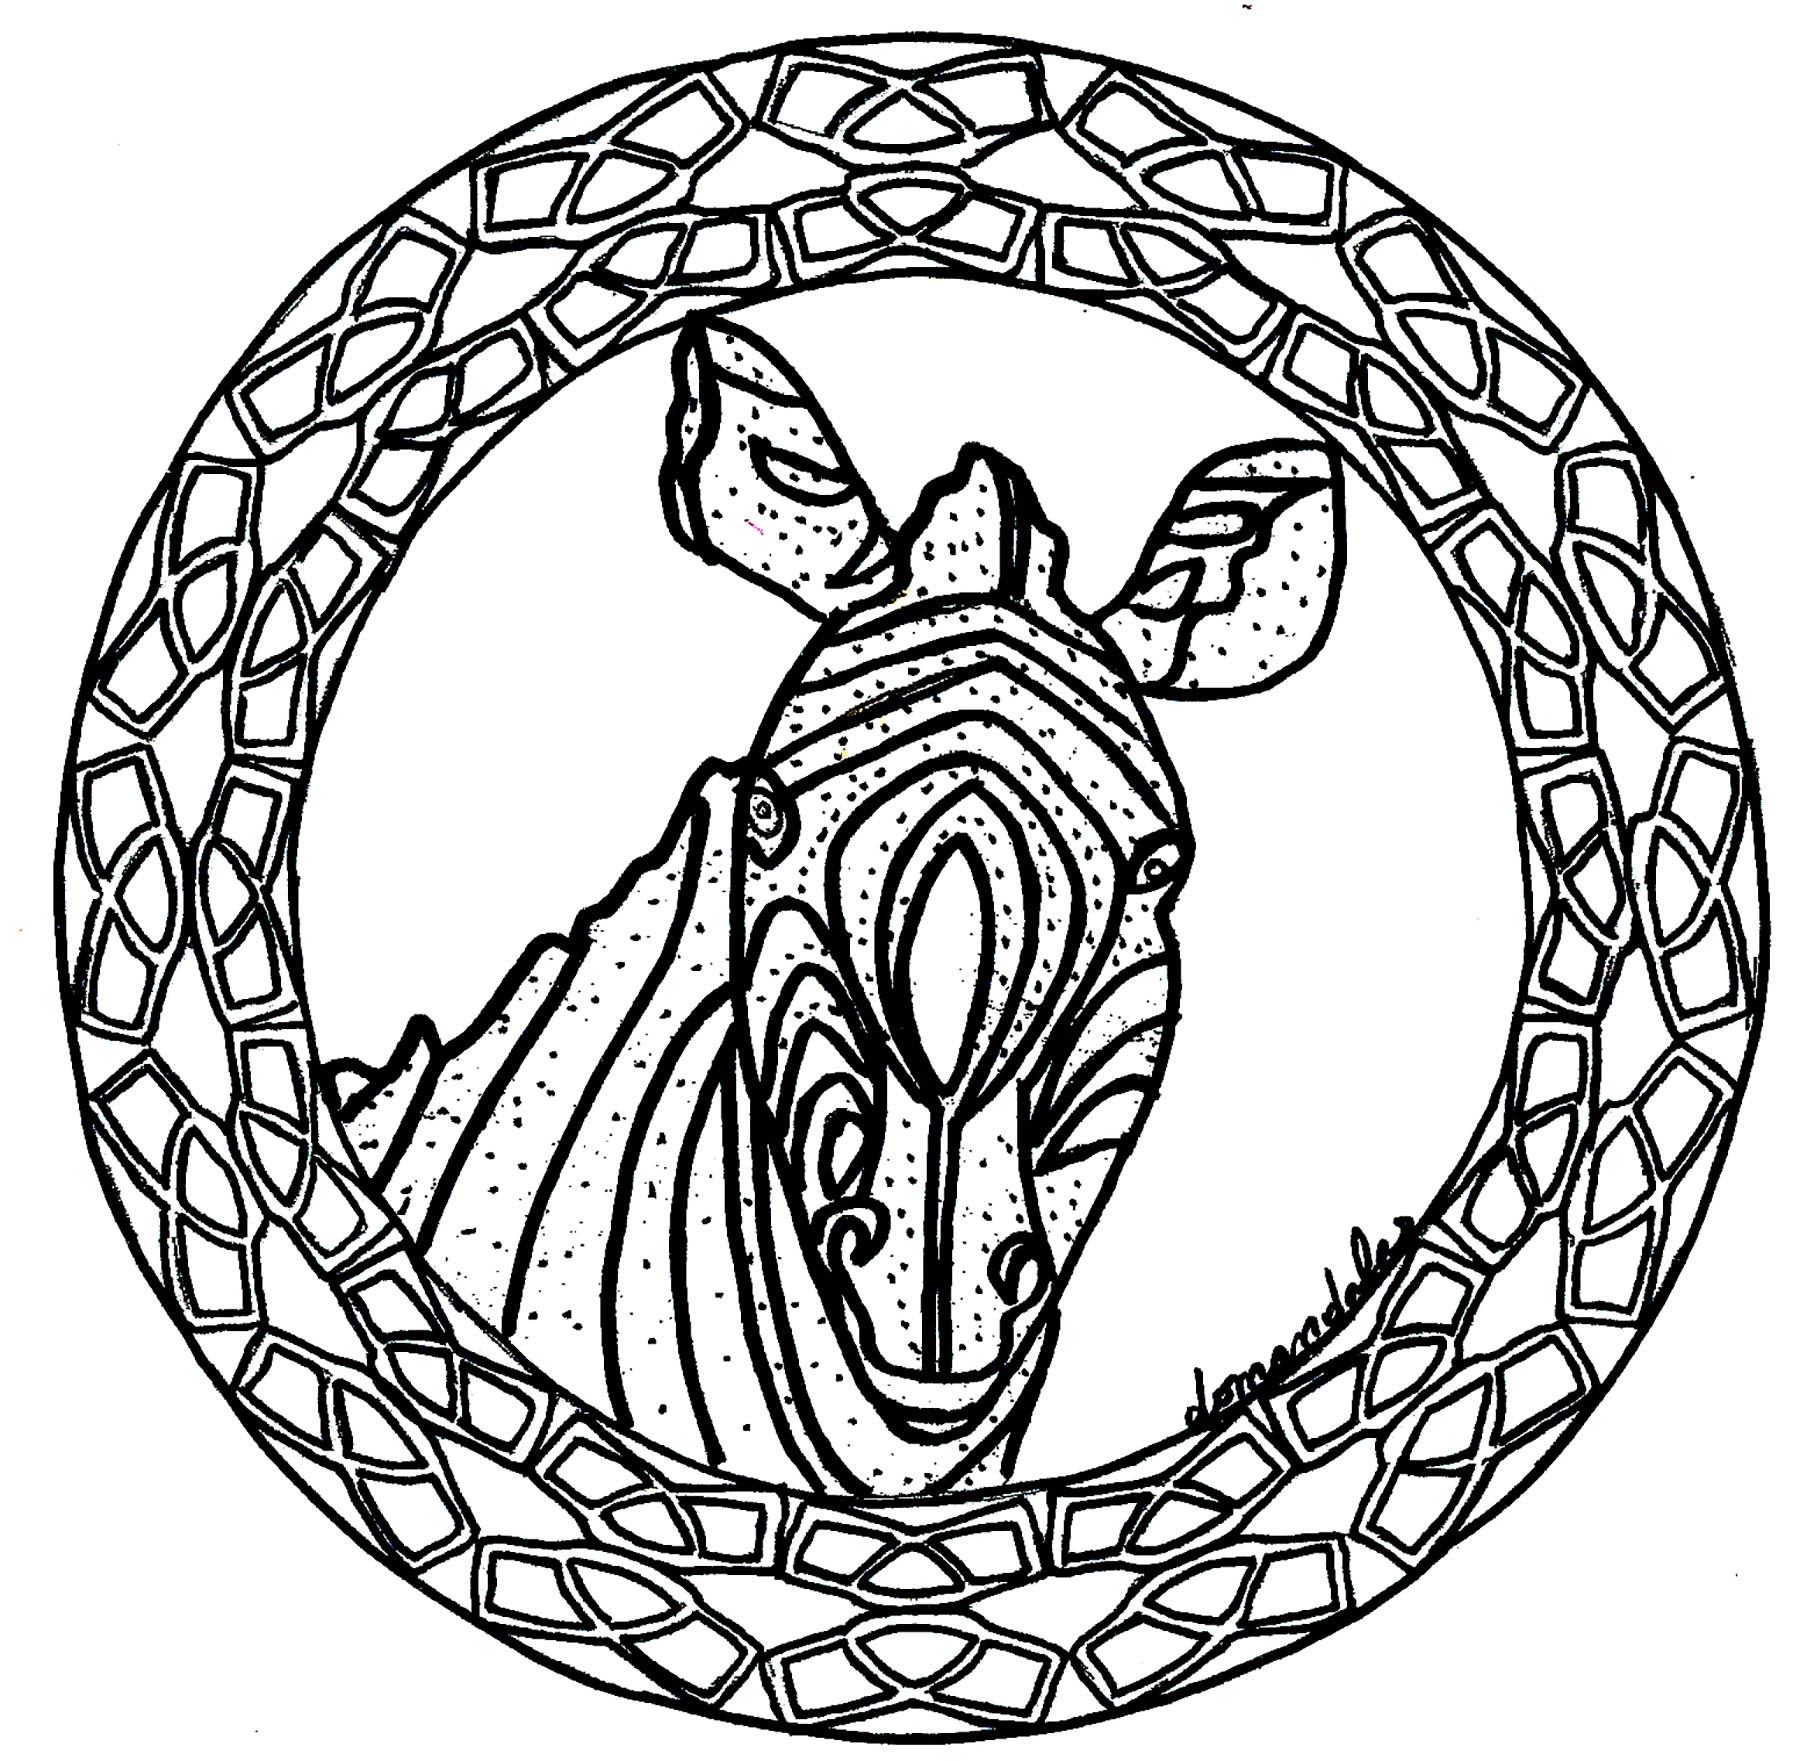 Mandala zebre simple mandalas coloriages difficiles - Mandalas animaux ...